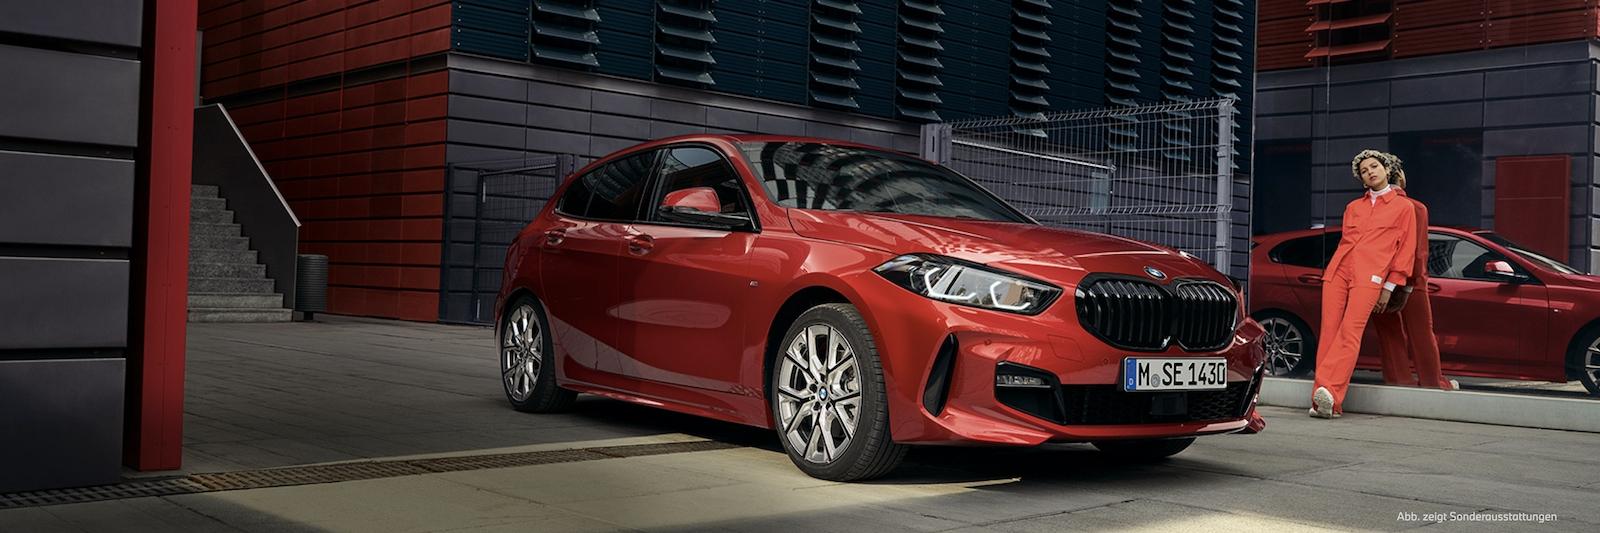 BMW Vogl BMW 1er Neuwagen Angebot